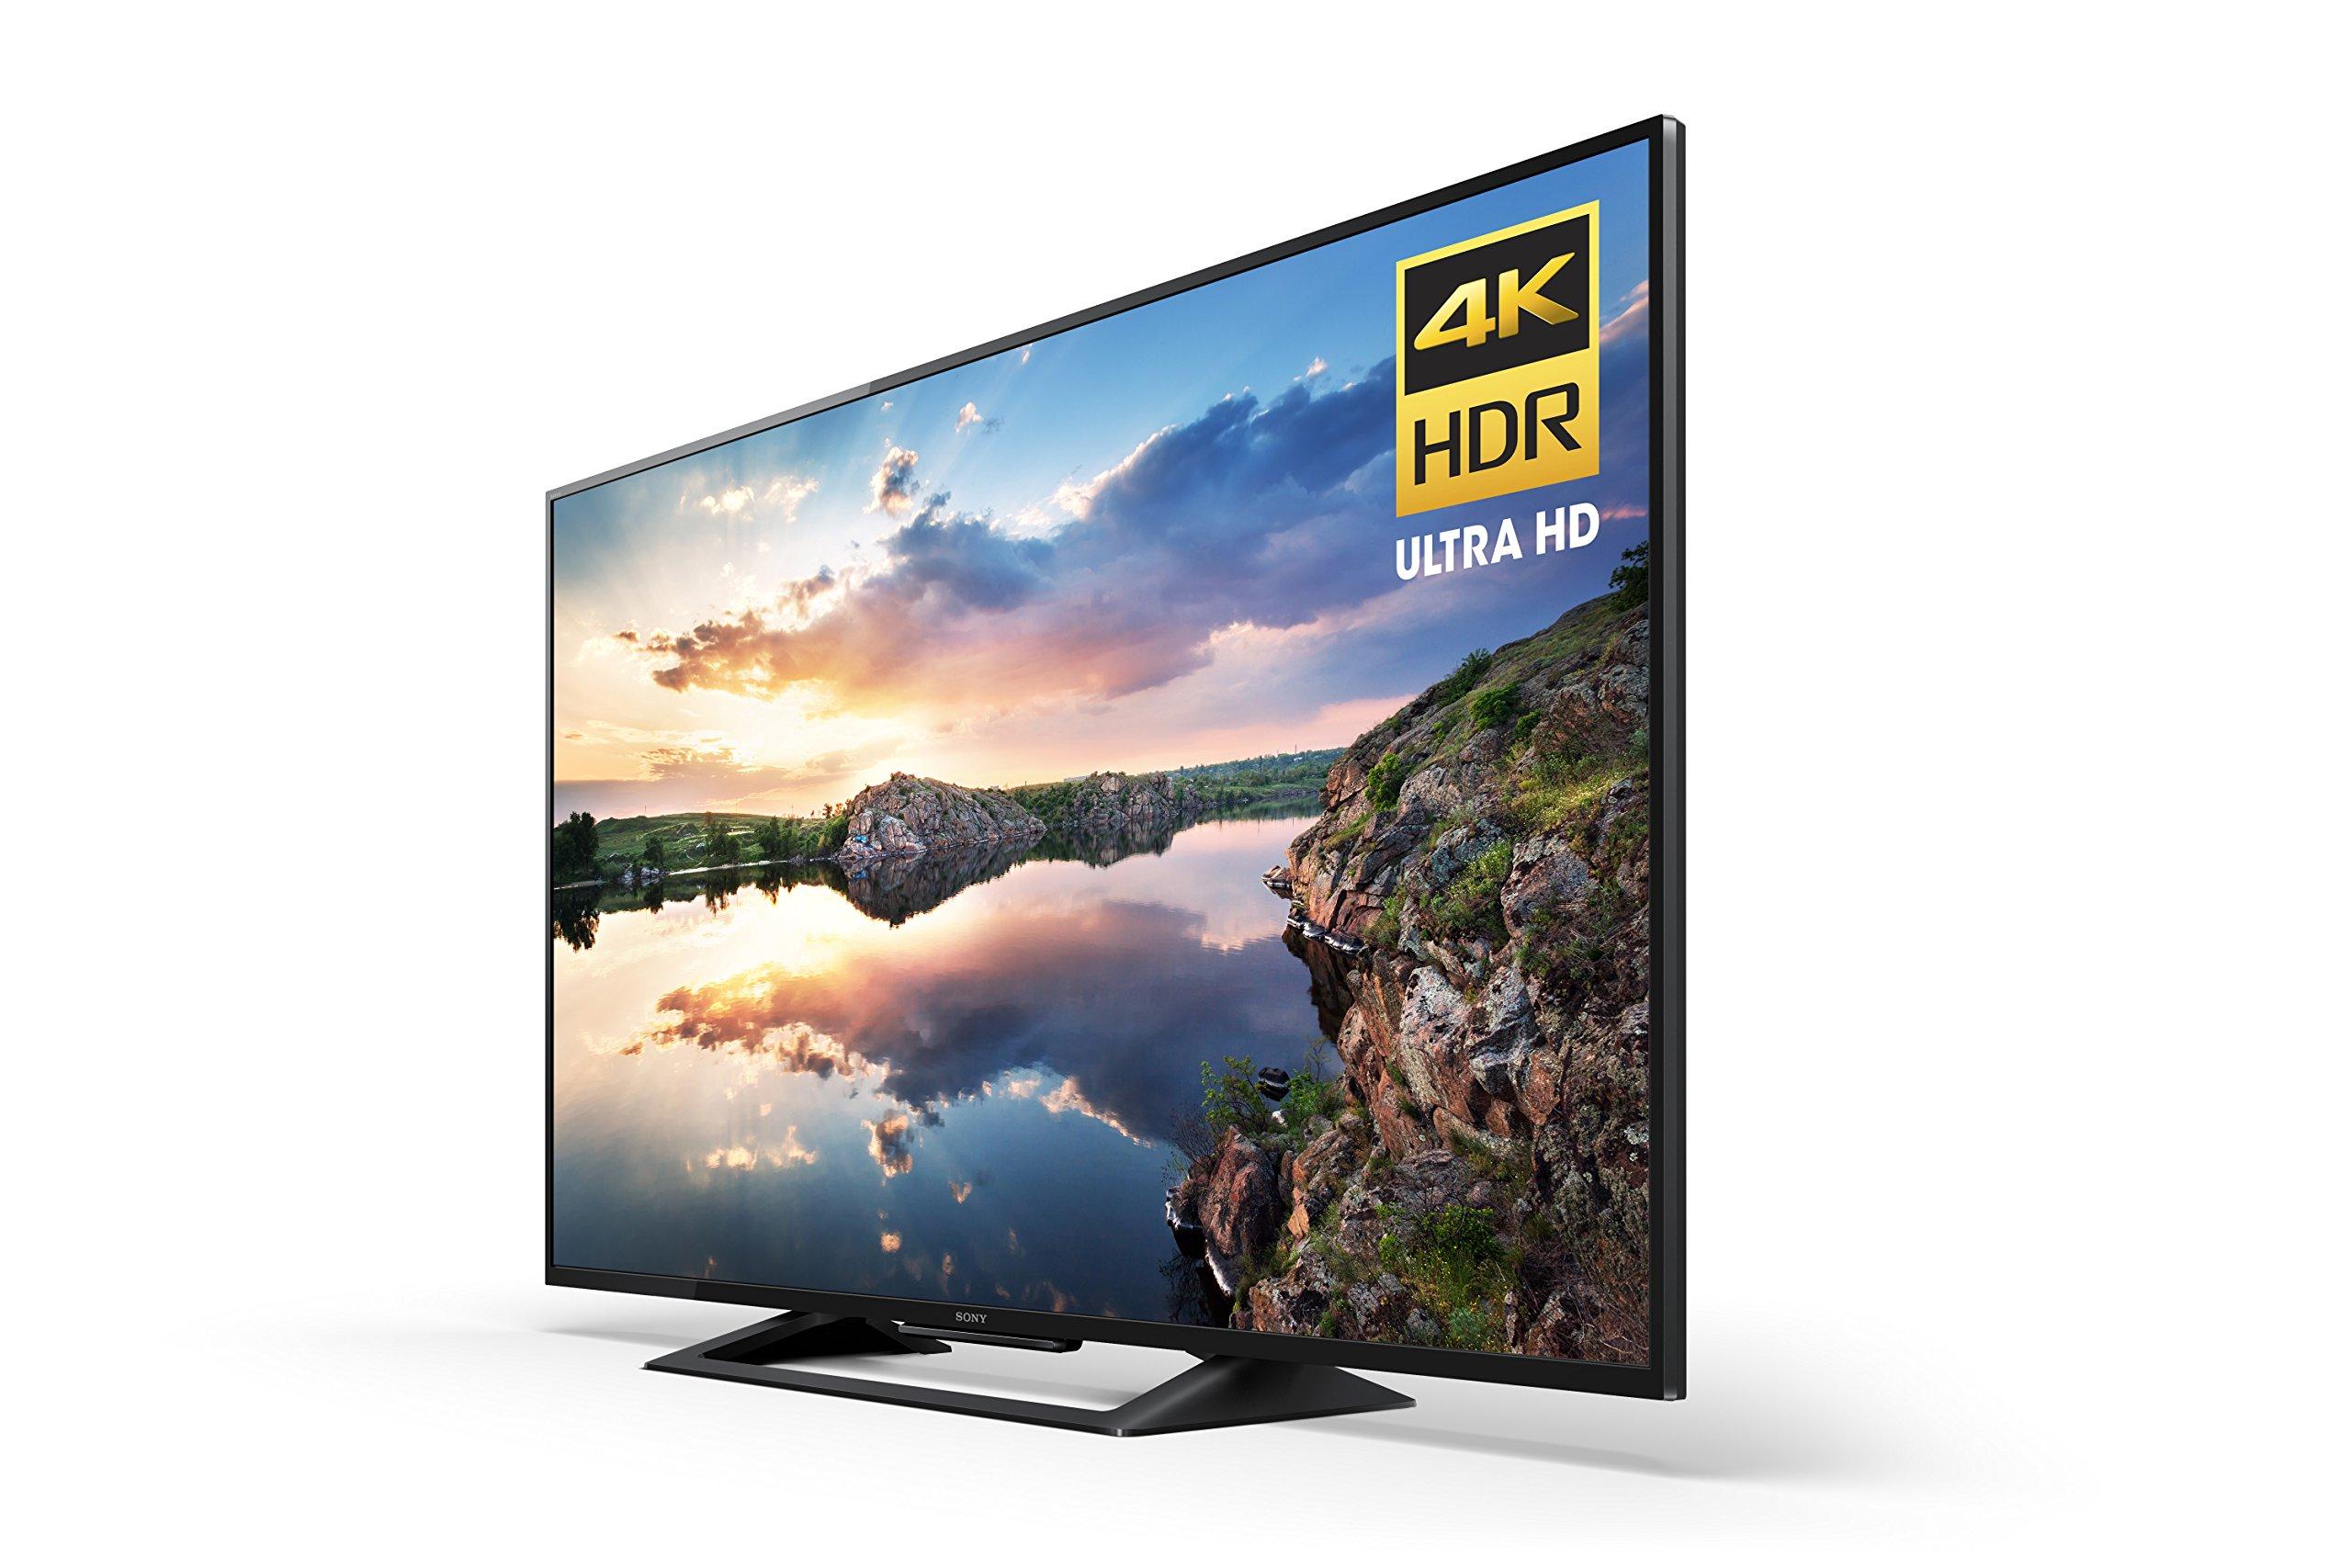 Sony KD50X690E 4K Ultra HD Smart LED TV (2017 Model) 3